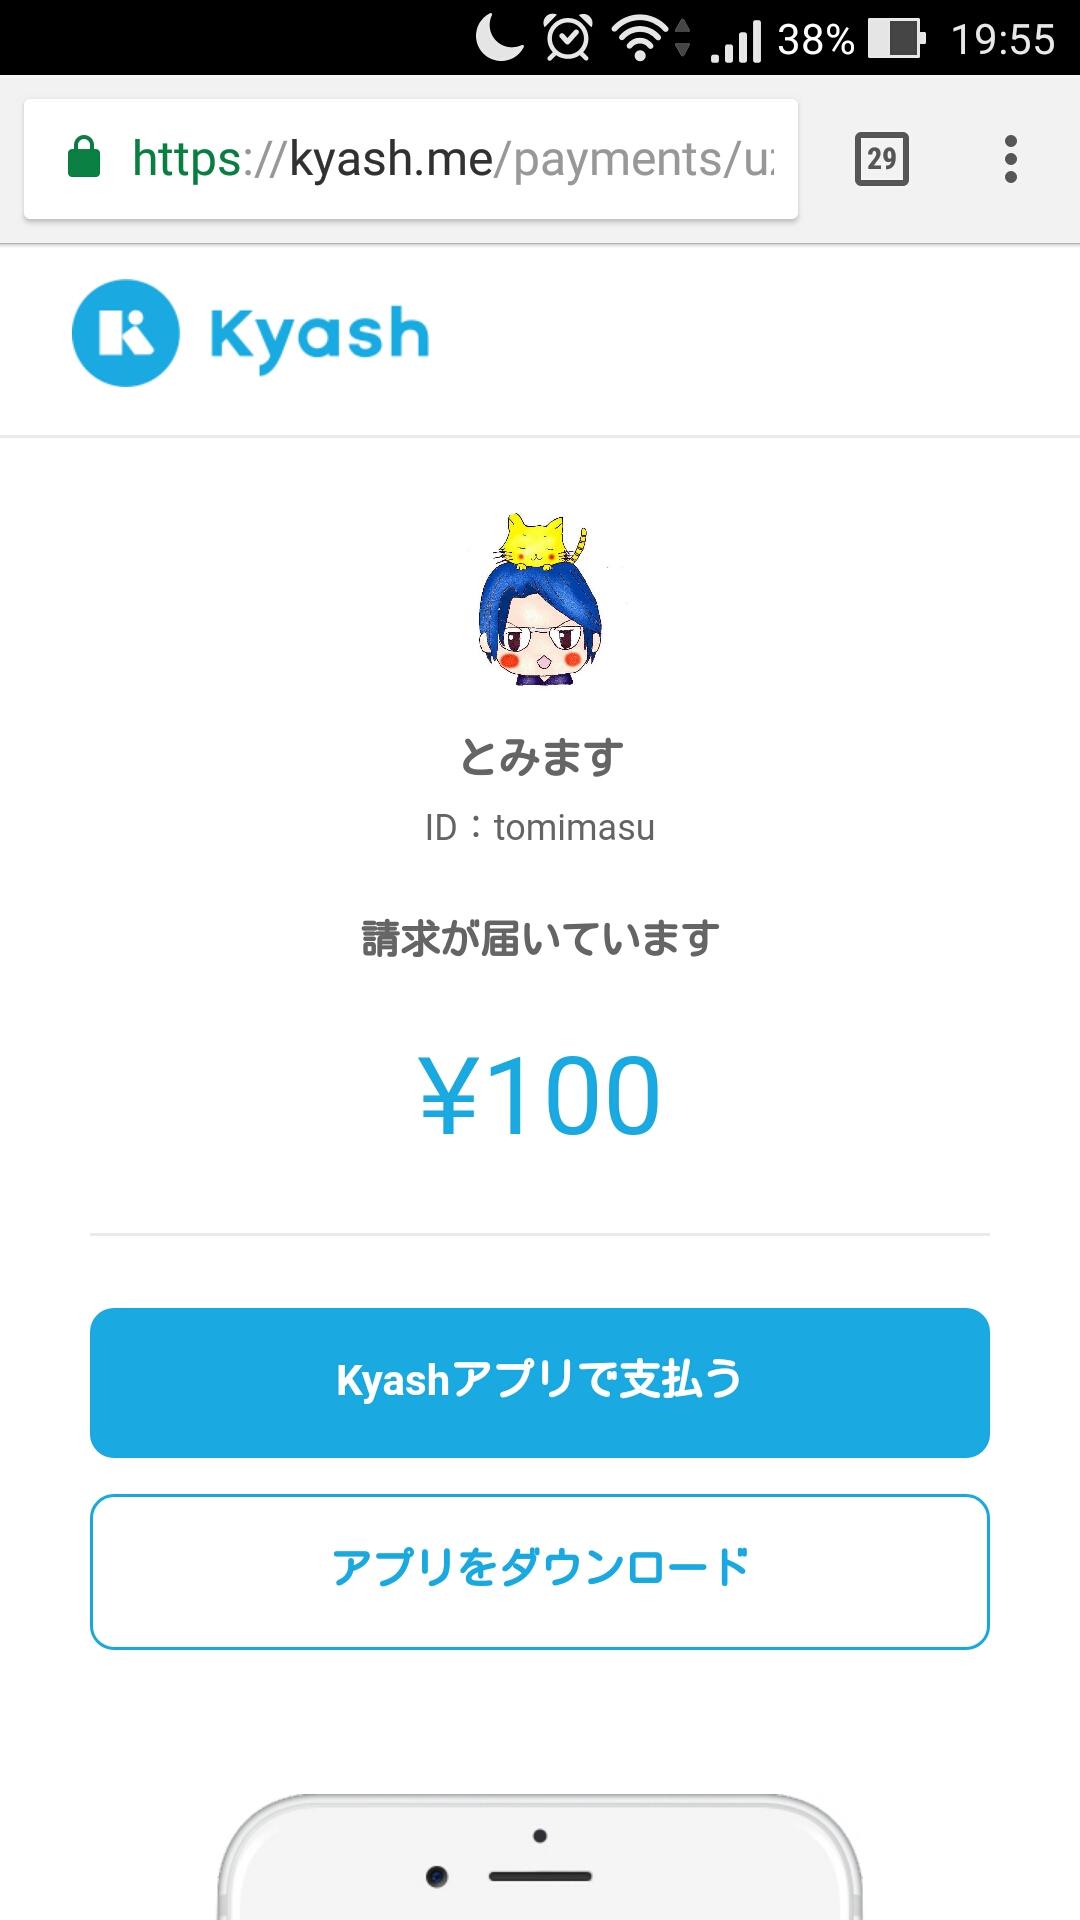 kyash180921-5